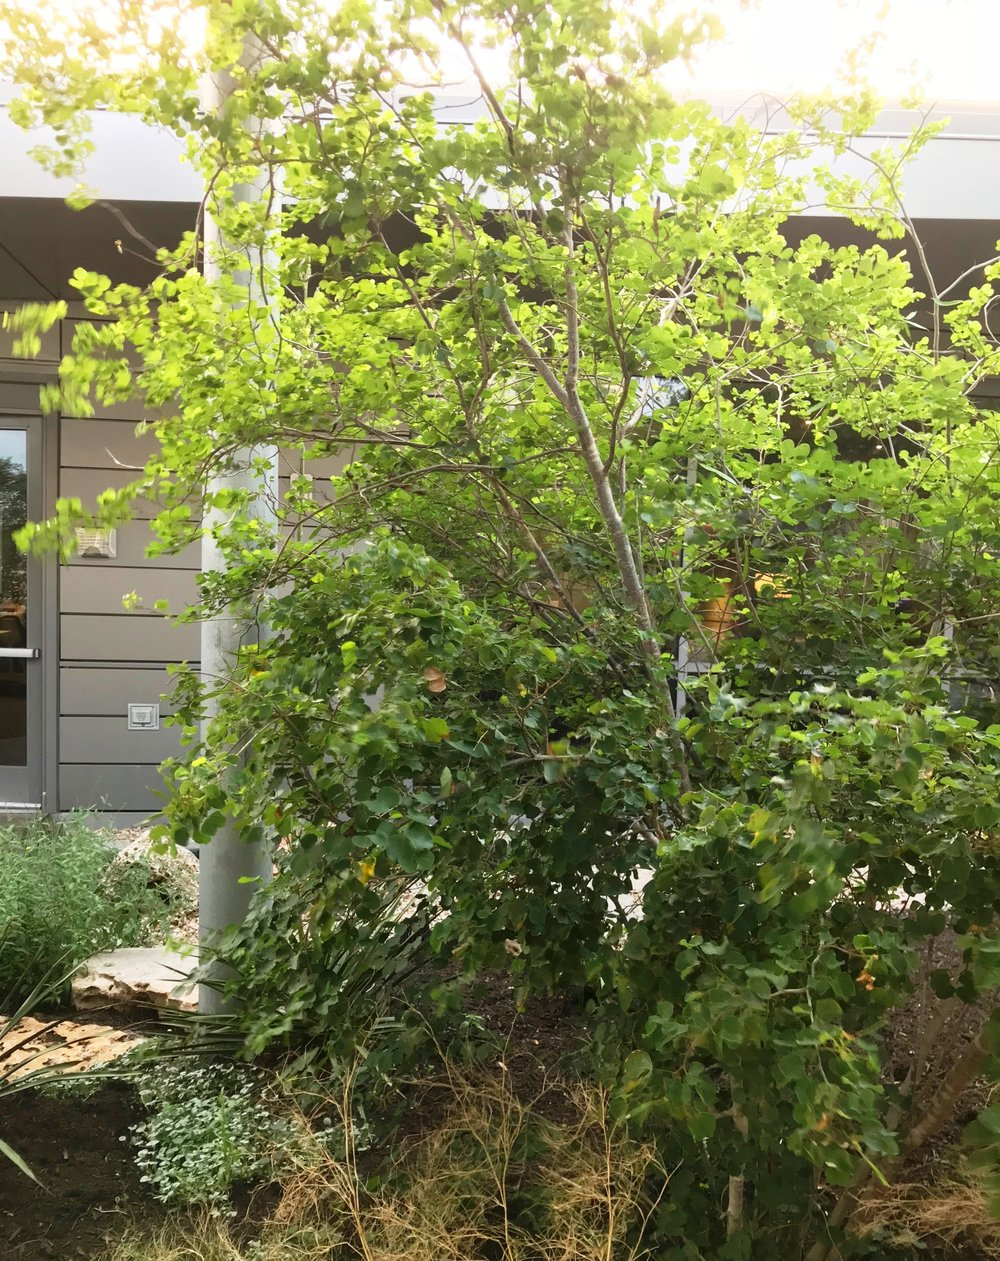 Anacacho orchid tree,  Bauhinia lunarioides --a Texas native.